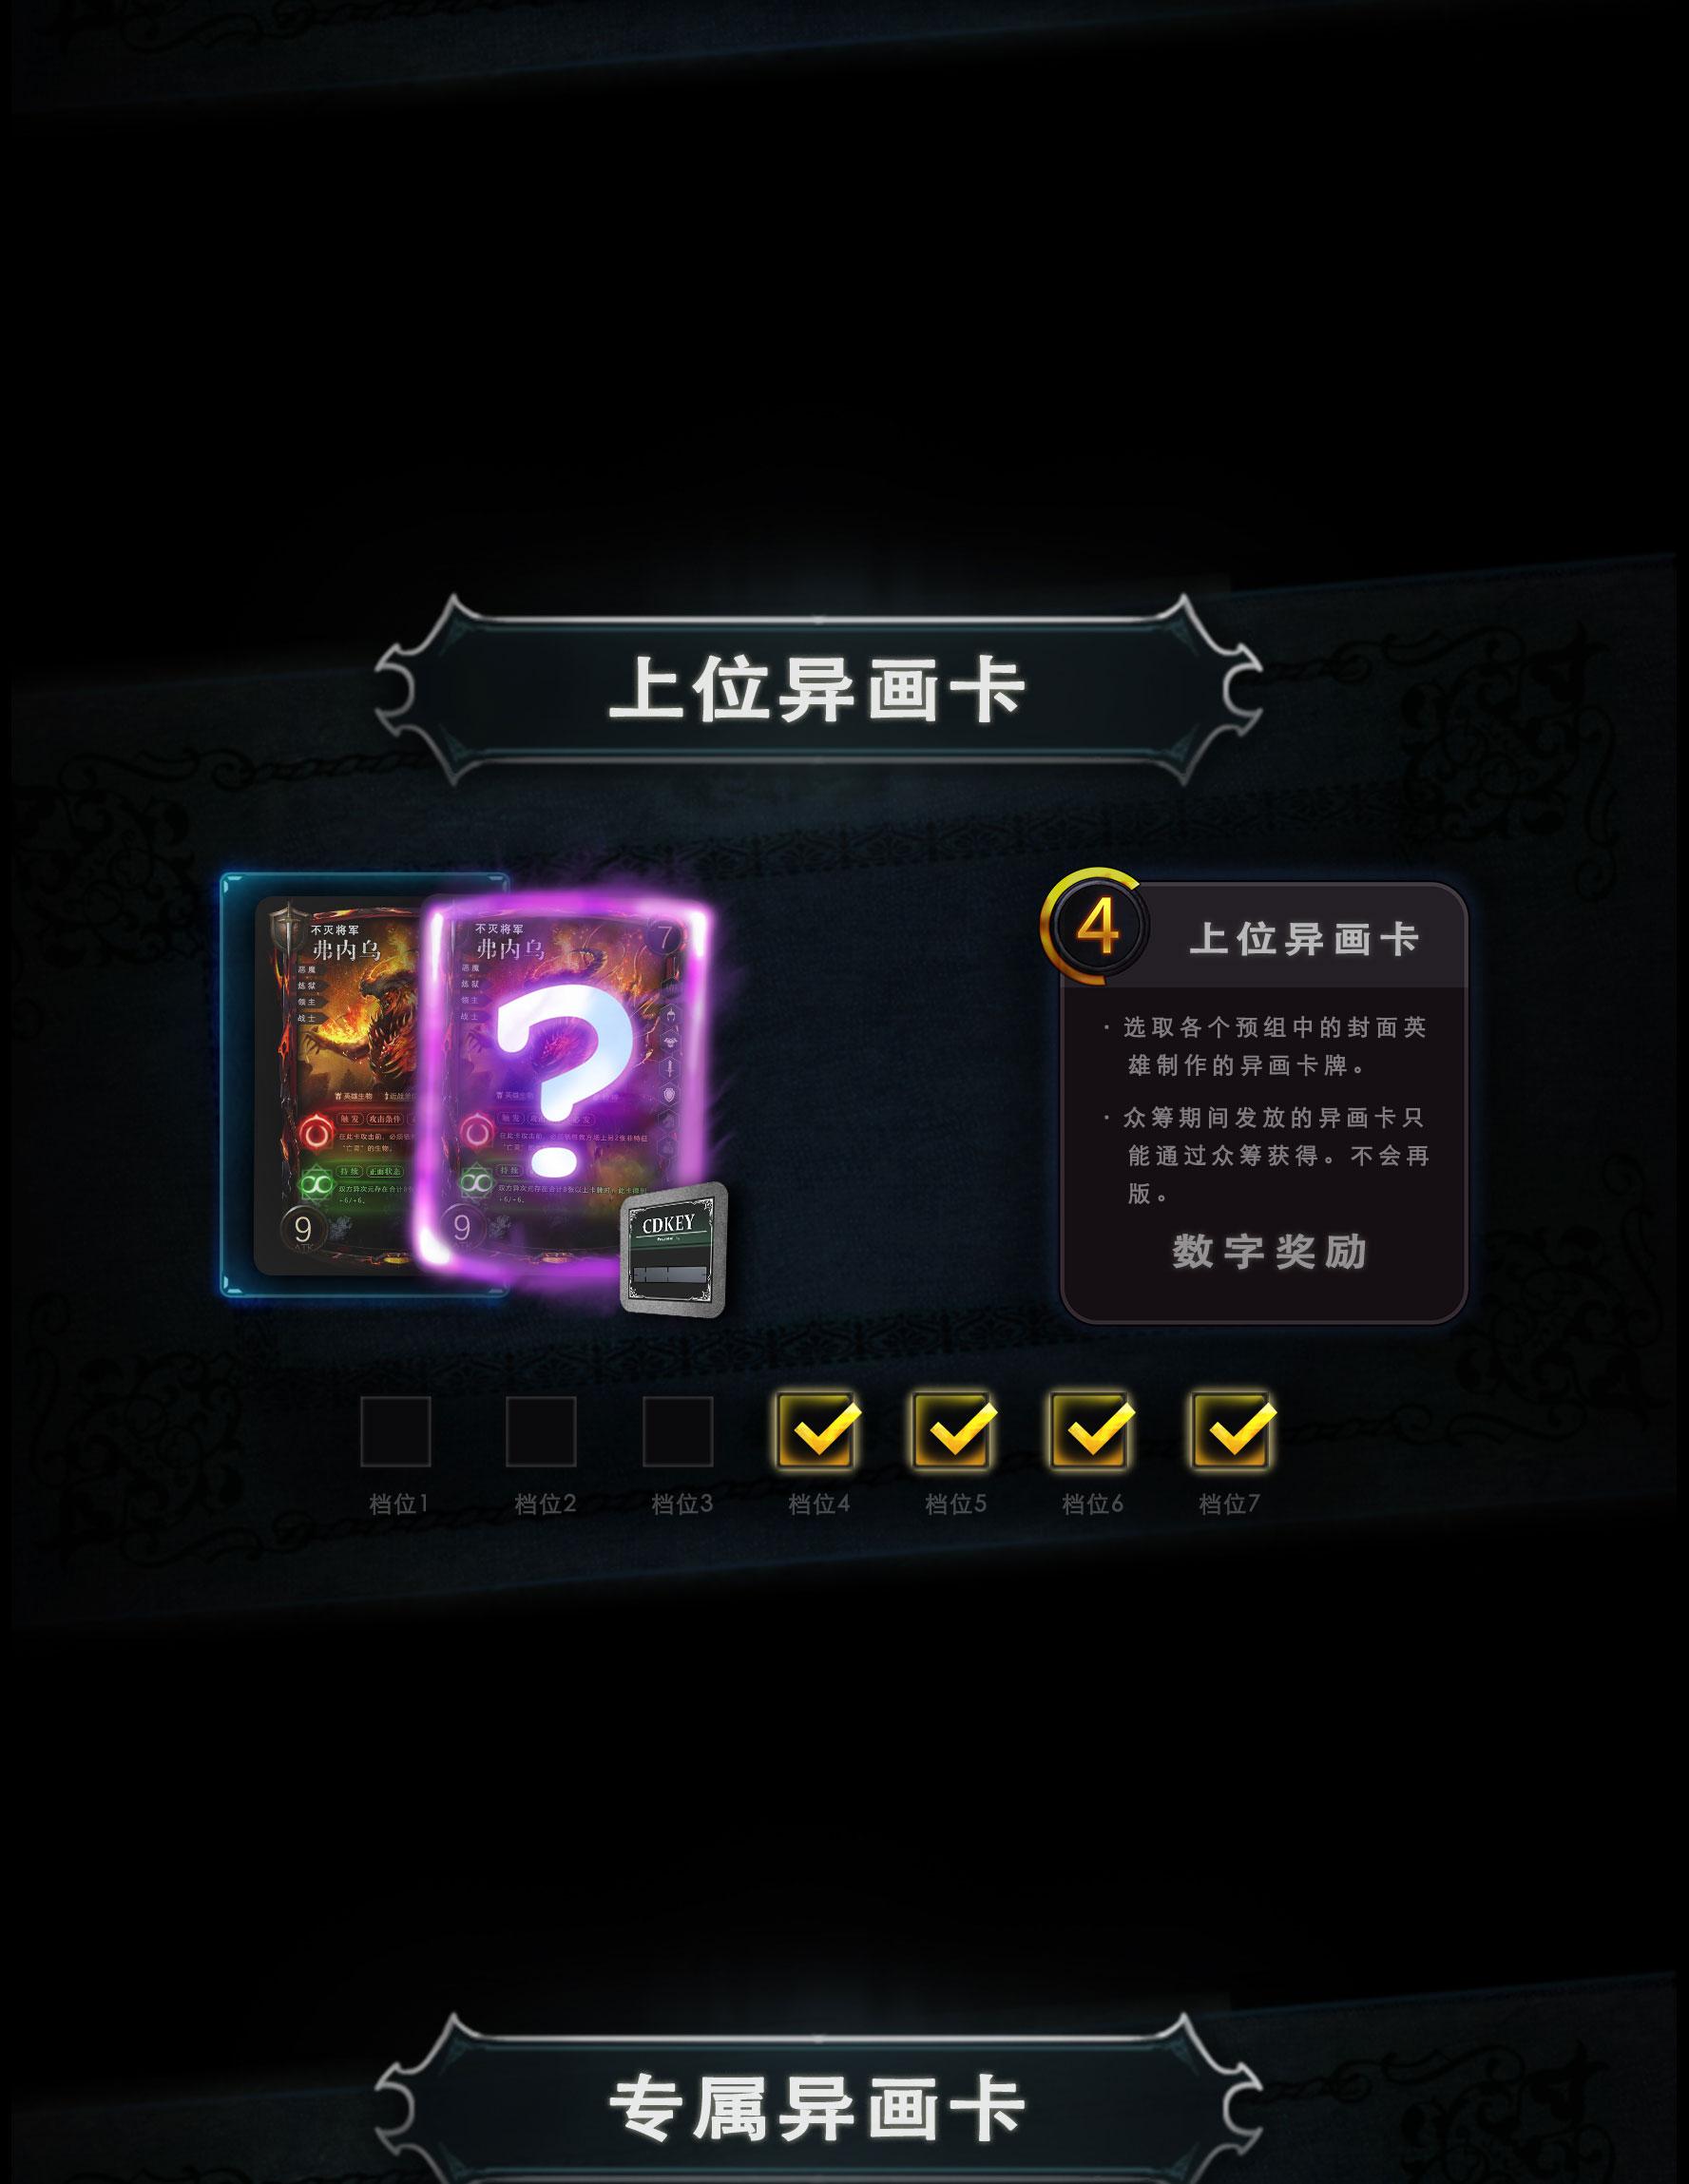 众筹介绍_10.jpg